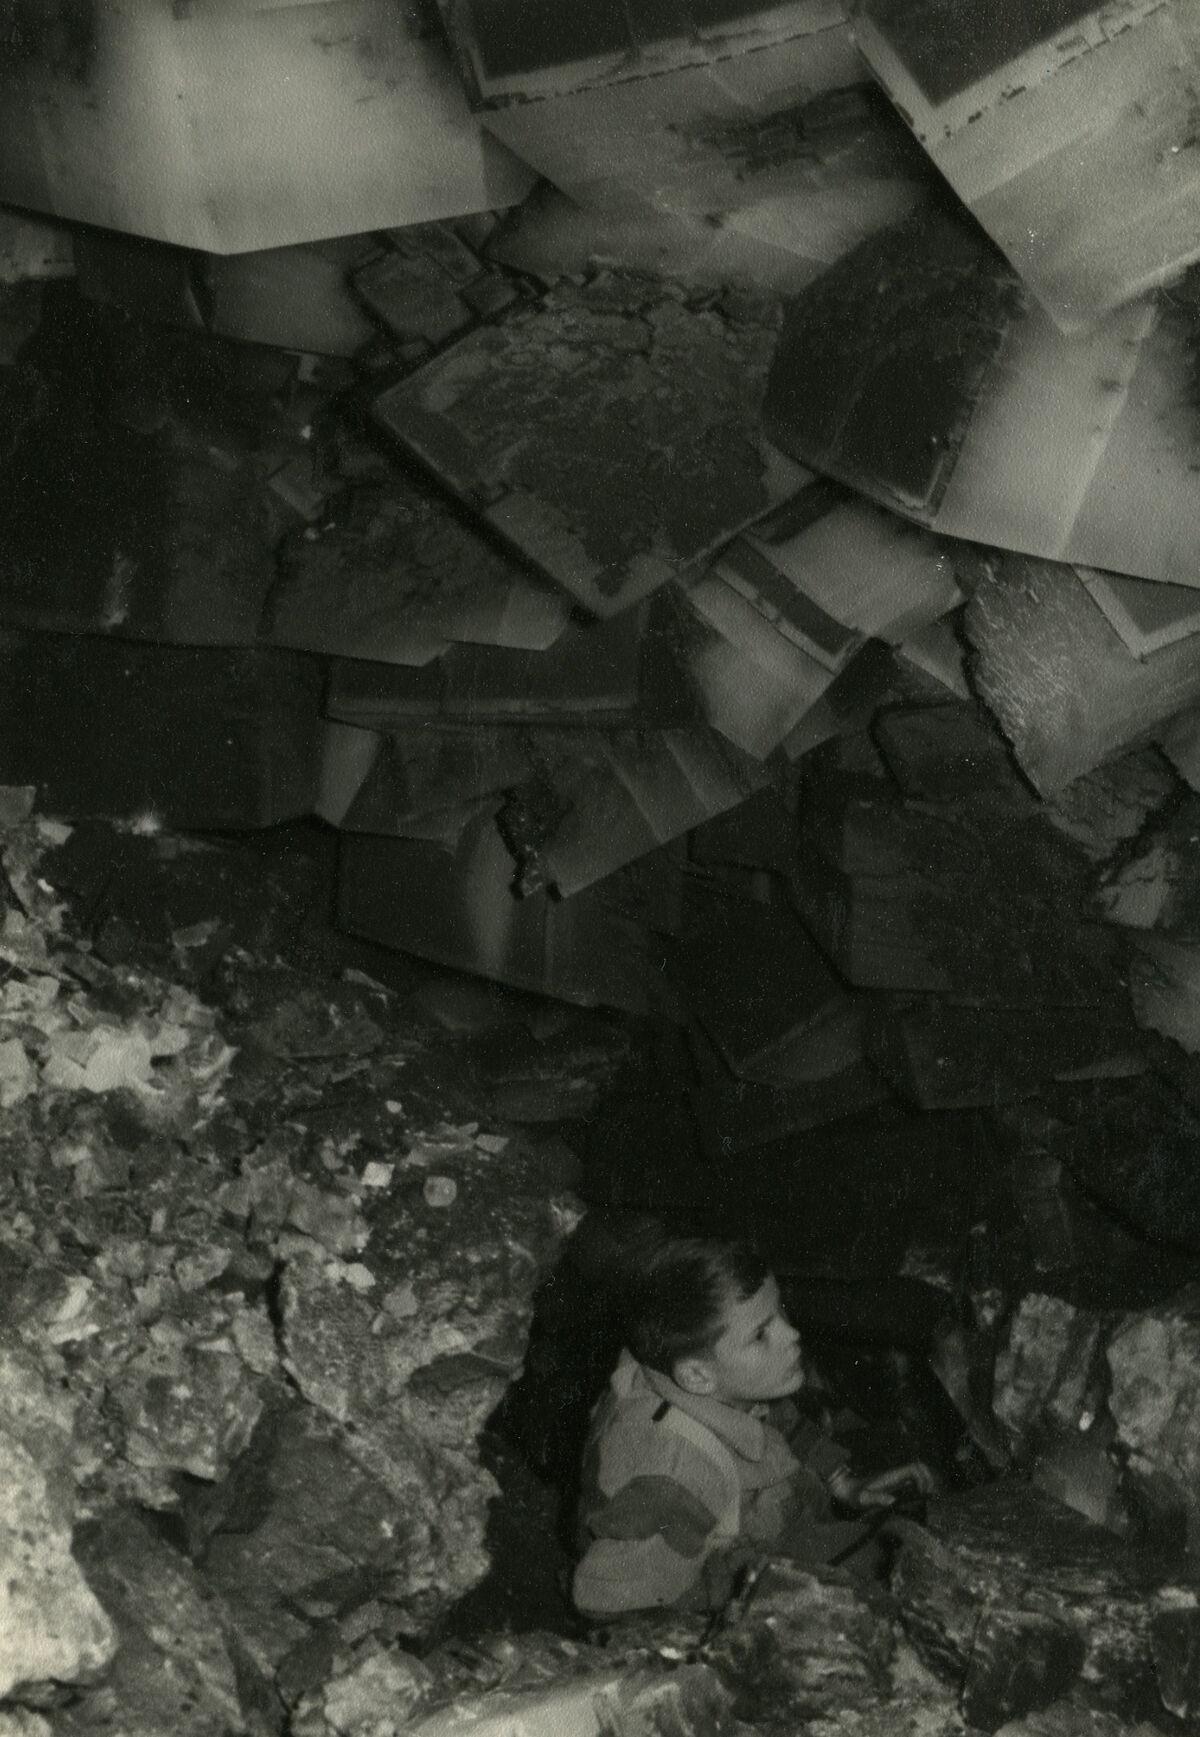 EBA 2/321.39: Gonzen, mine photos underground